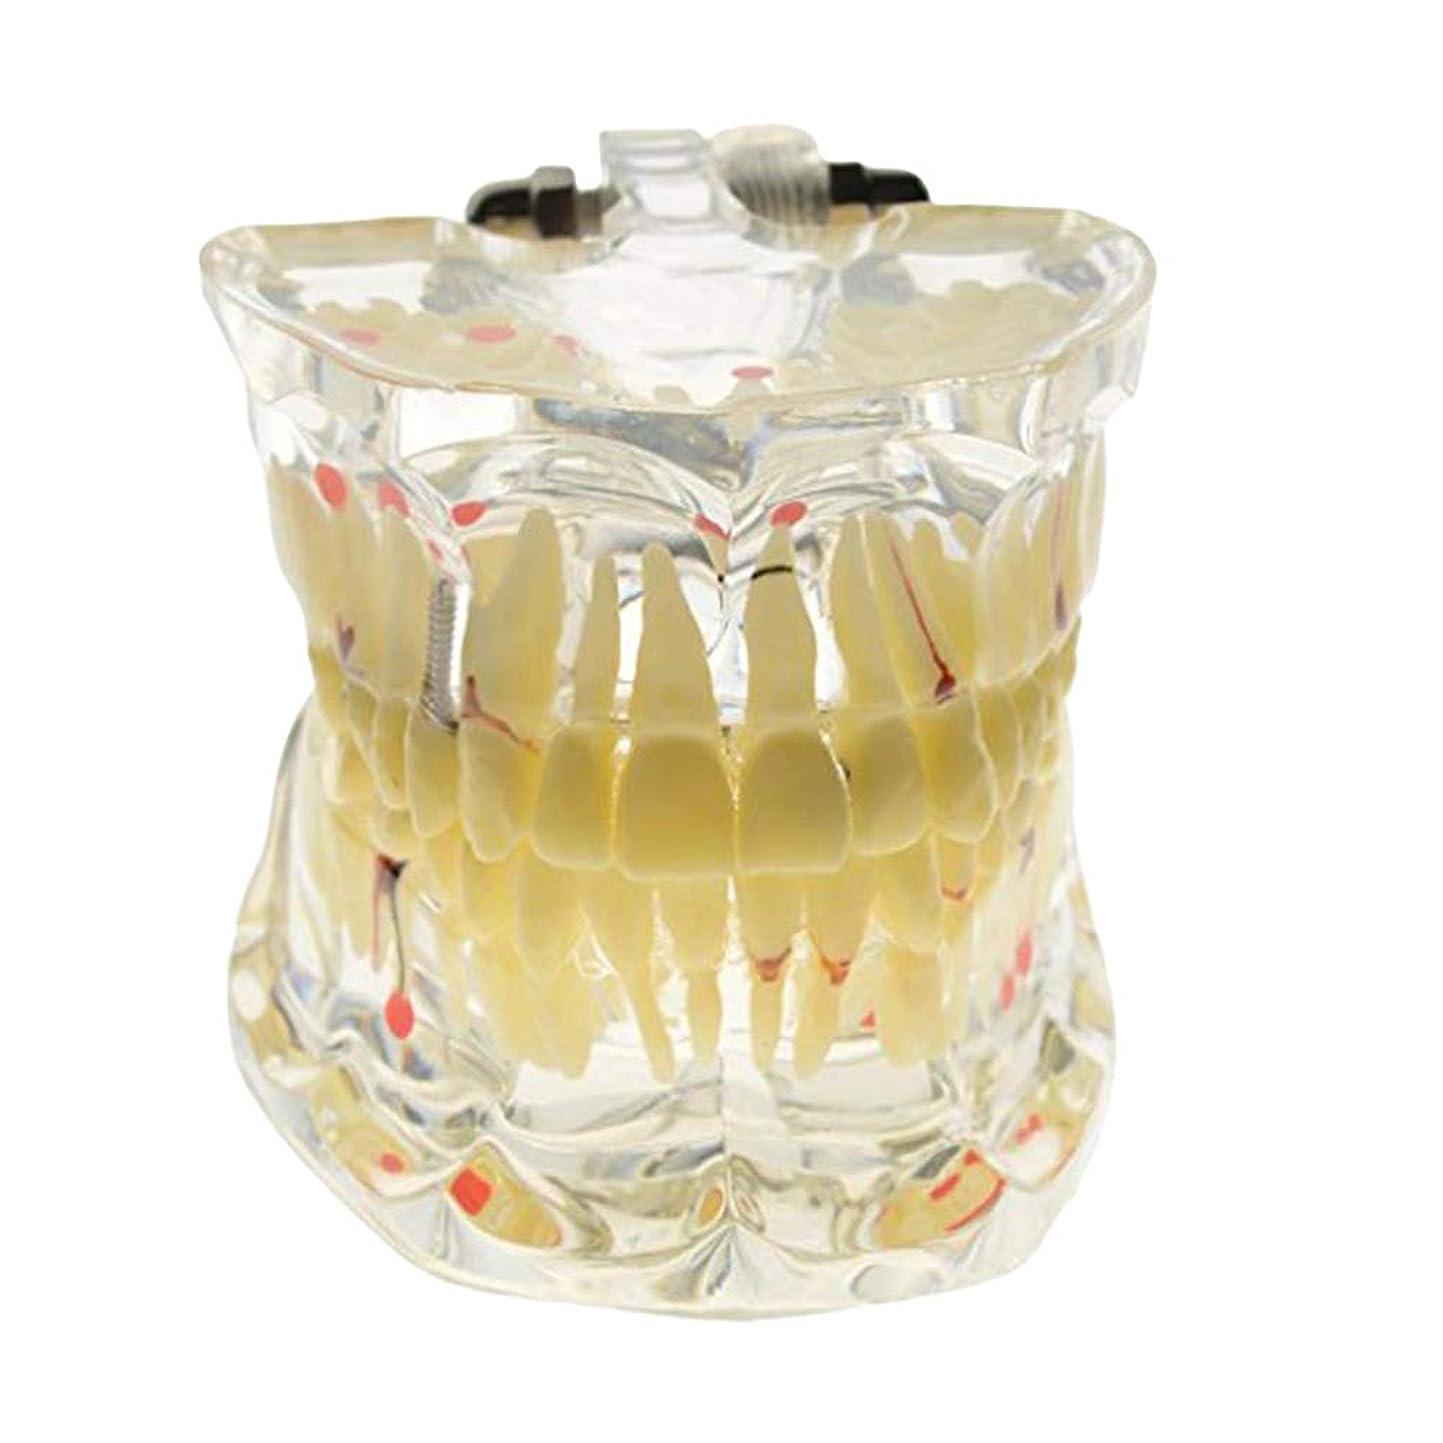 からかうすることになっている葉を拾うHEALIFTY 脱着可能な口腔モデル着脱可能な歯科インプラント歯モデル歯ティーチングモデル